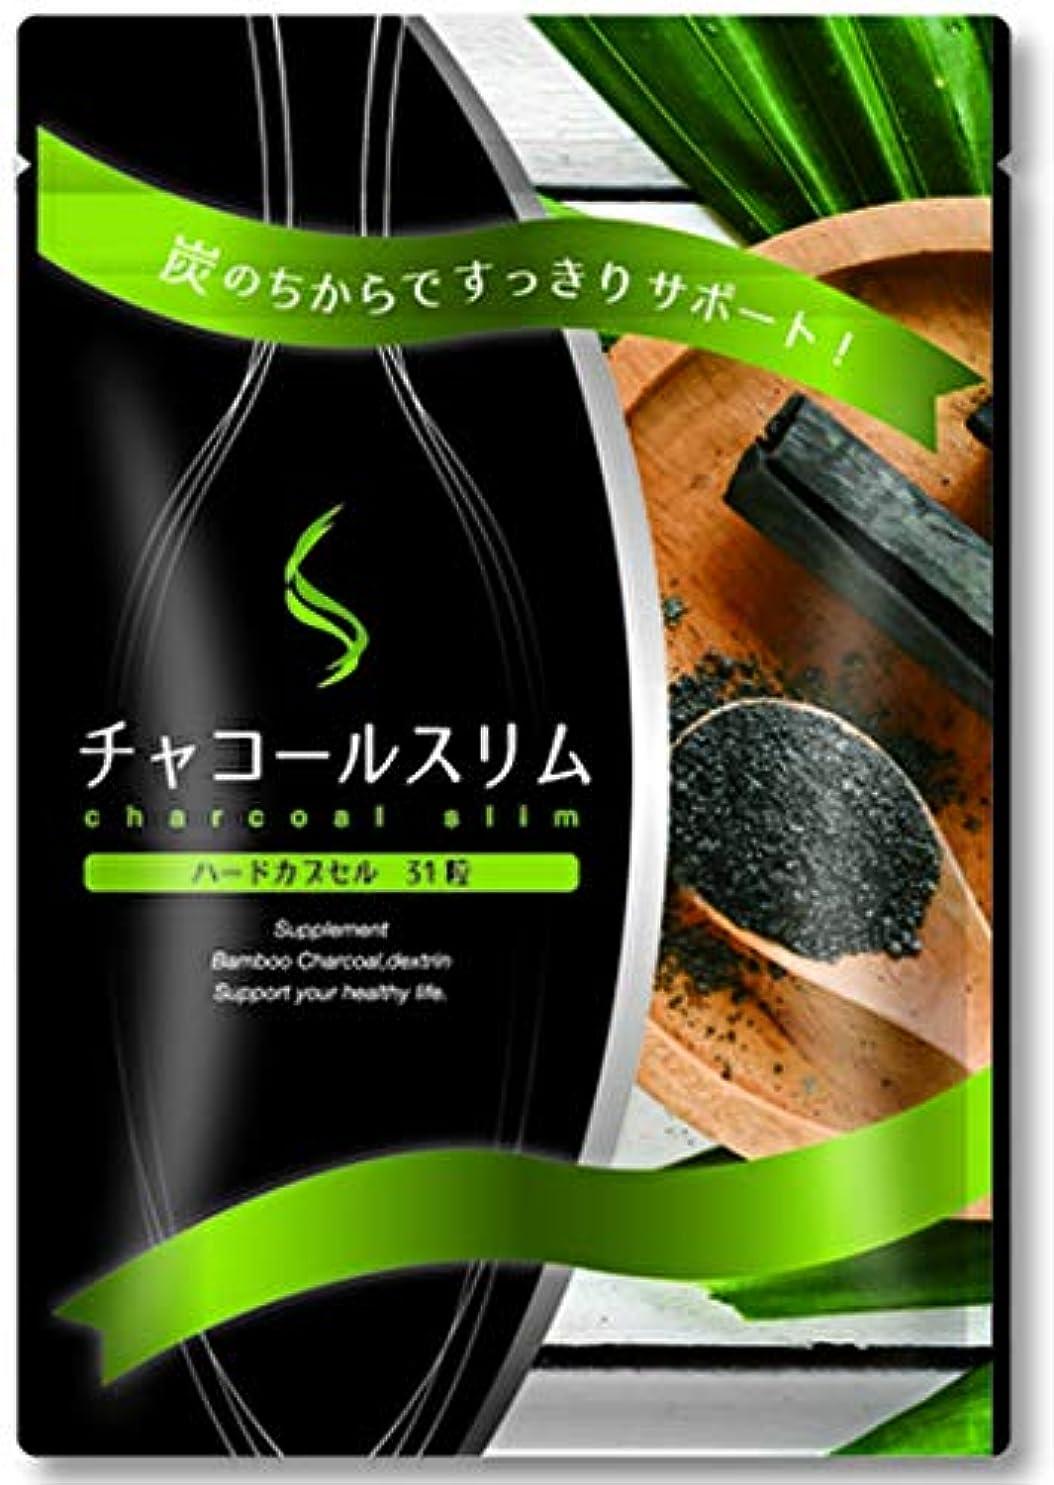 表面不正確更新する竹炭 チャコールスリム (31粒) ダイエットサプリ 国産 竹炭 備長炭 チャコールダイエット